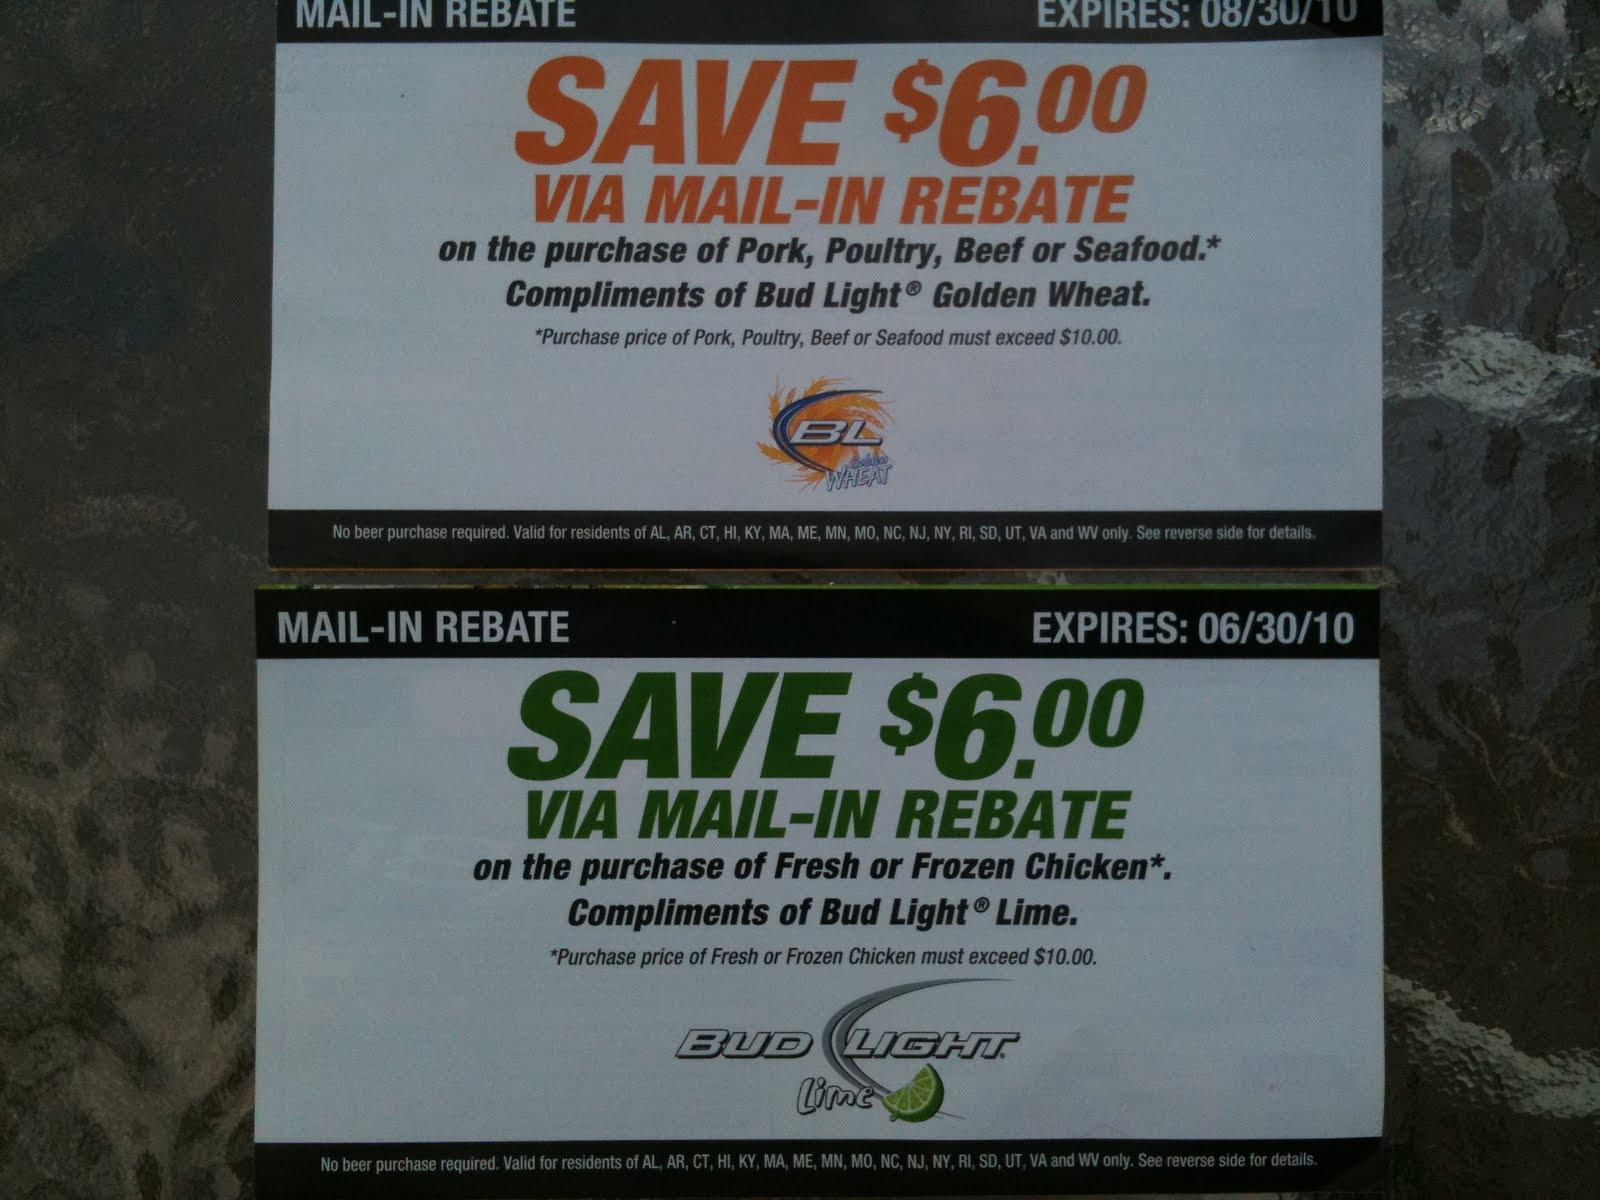 Bud light coupons : Print Sale